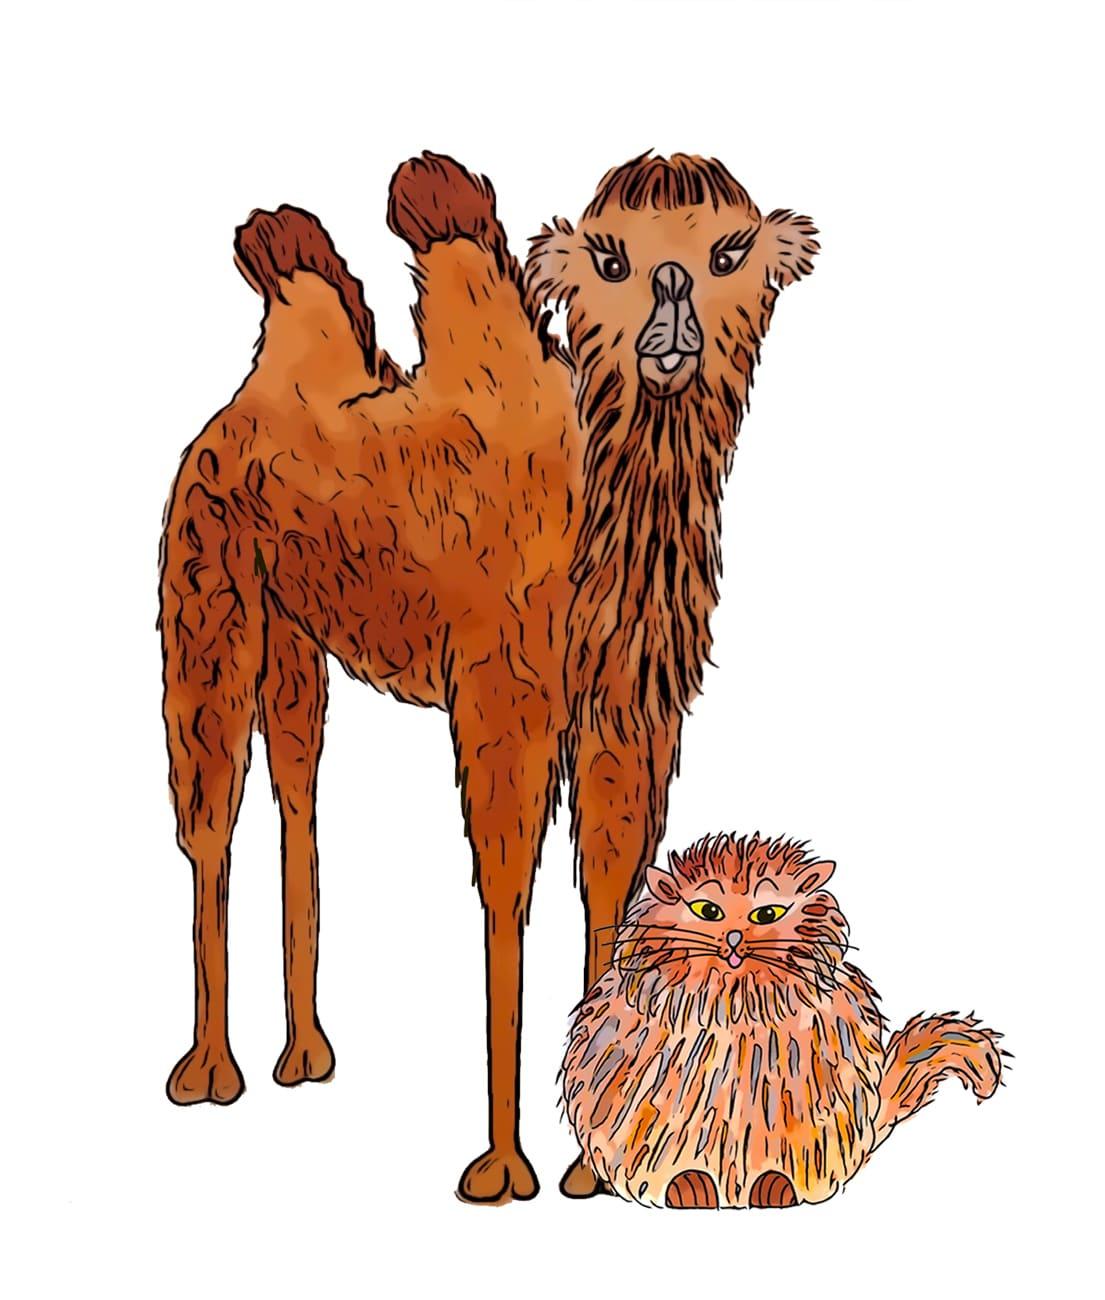 Dessin d'un chat et d'un chameau du livre pour enfants et jeunesse Des Chameaux et de poux